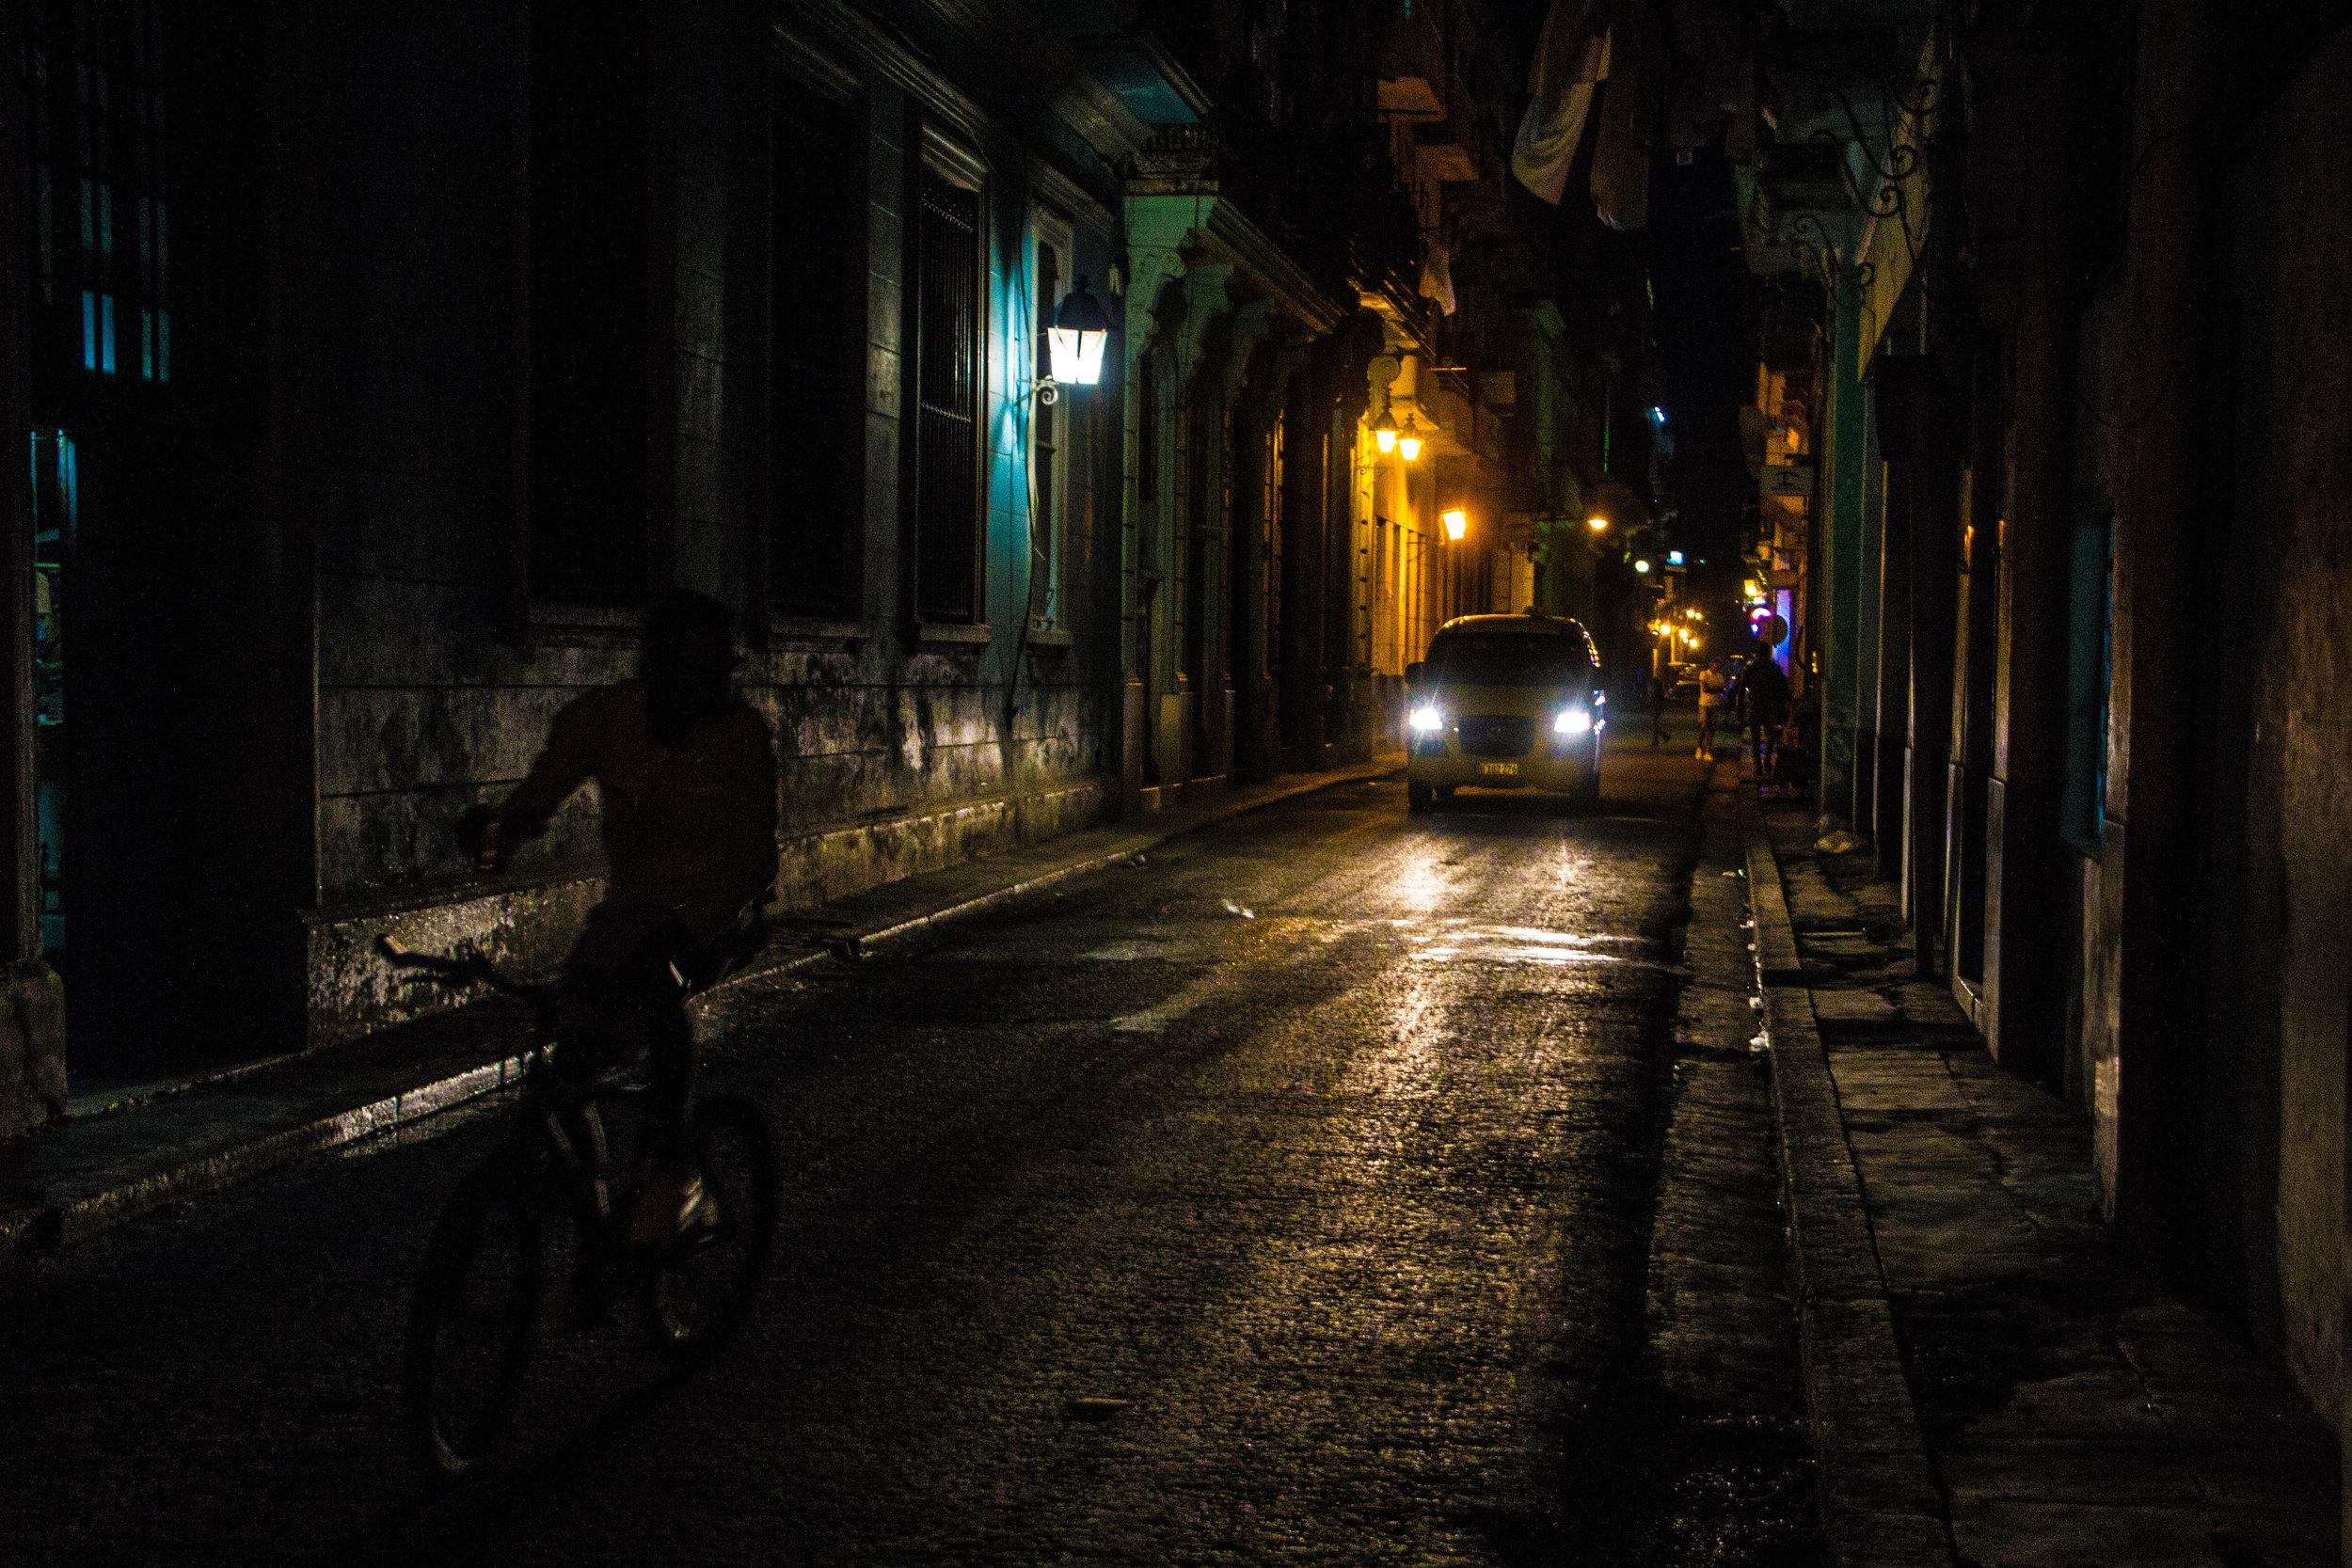 havana cuba streets at night-1-2.jpg